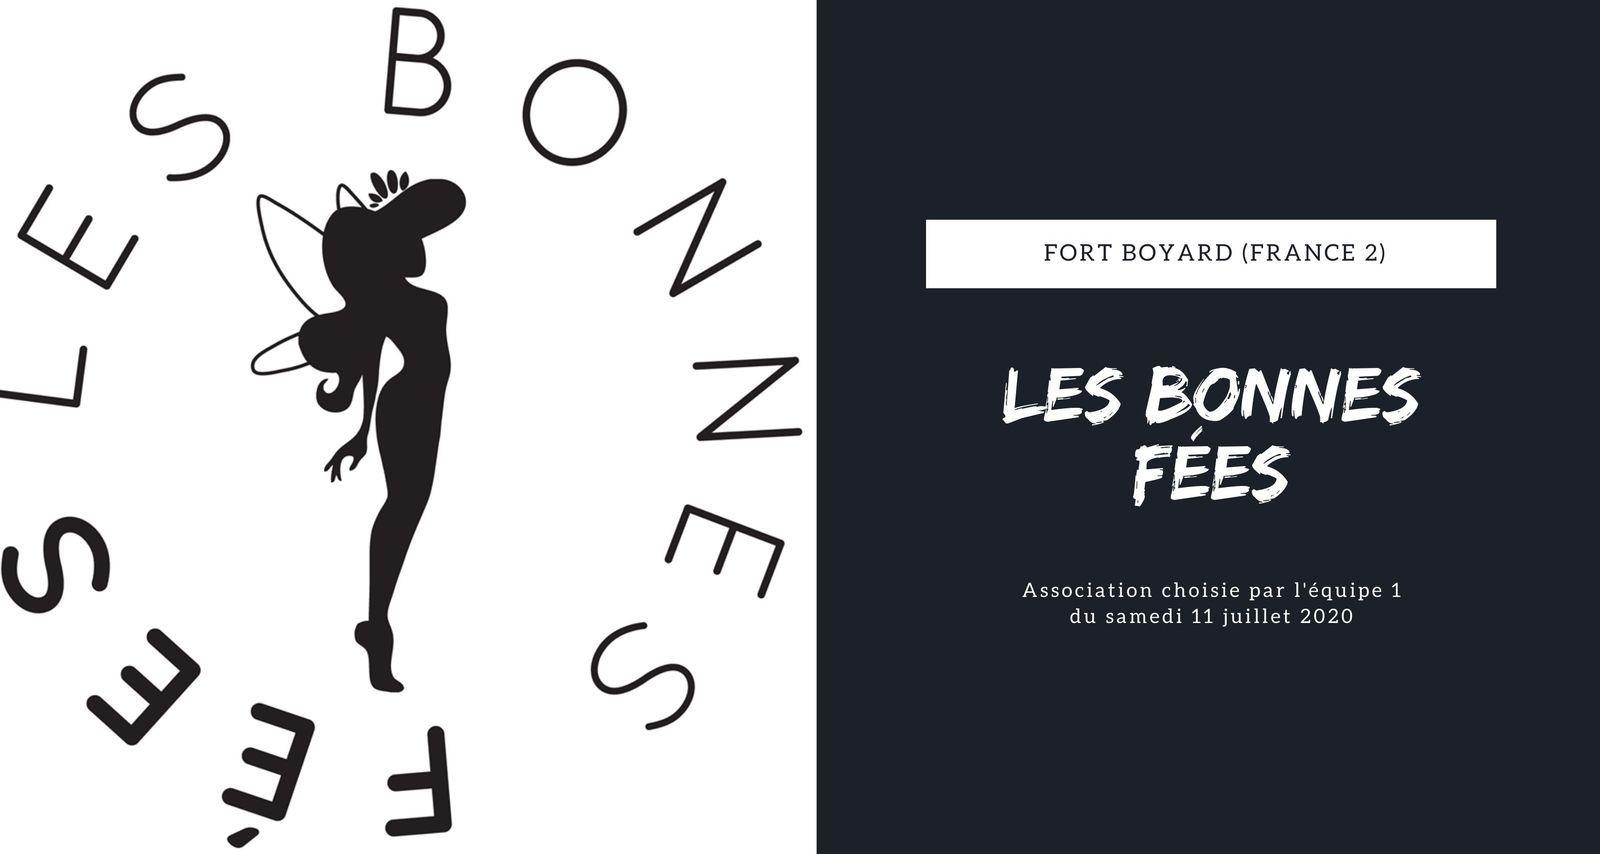 [Solidarité] L'association du jour : ''Les Bonnes Fées'' - #FortBoyard